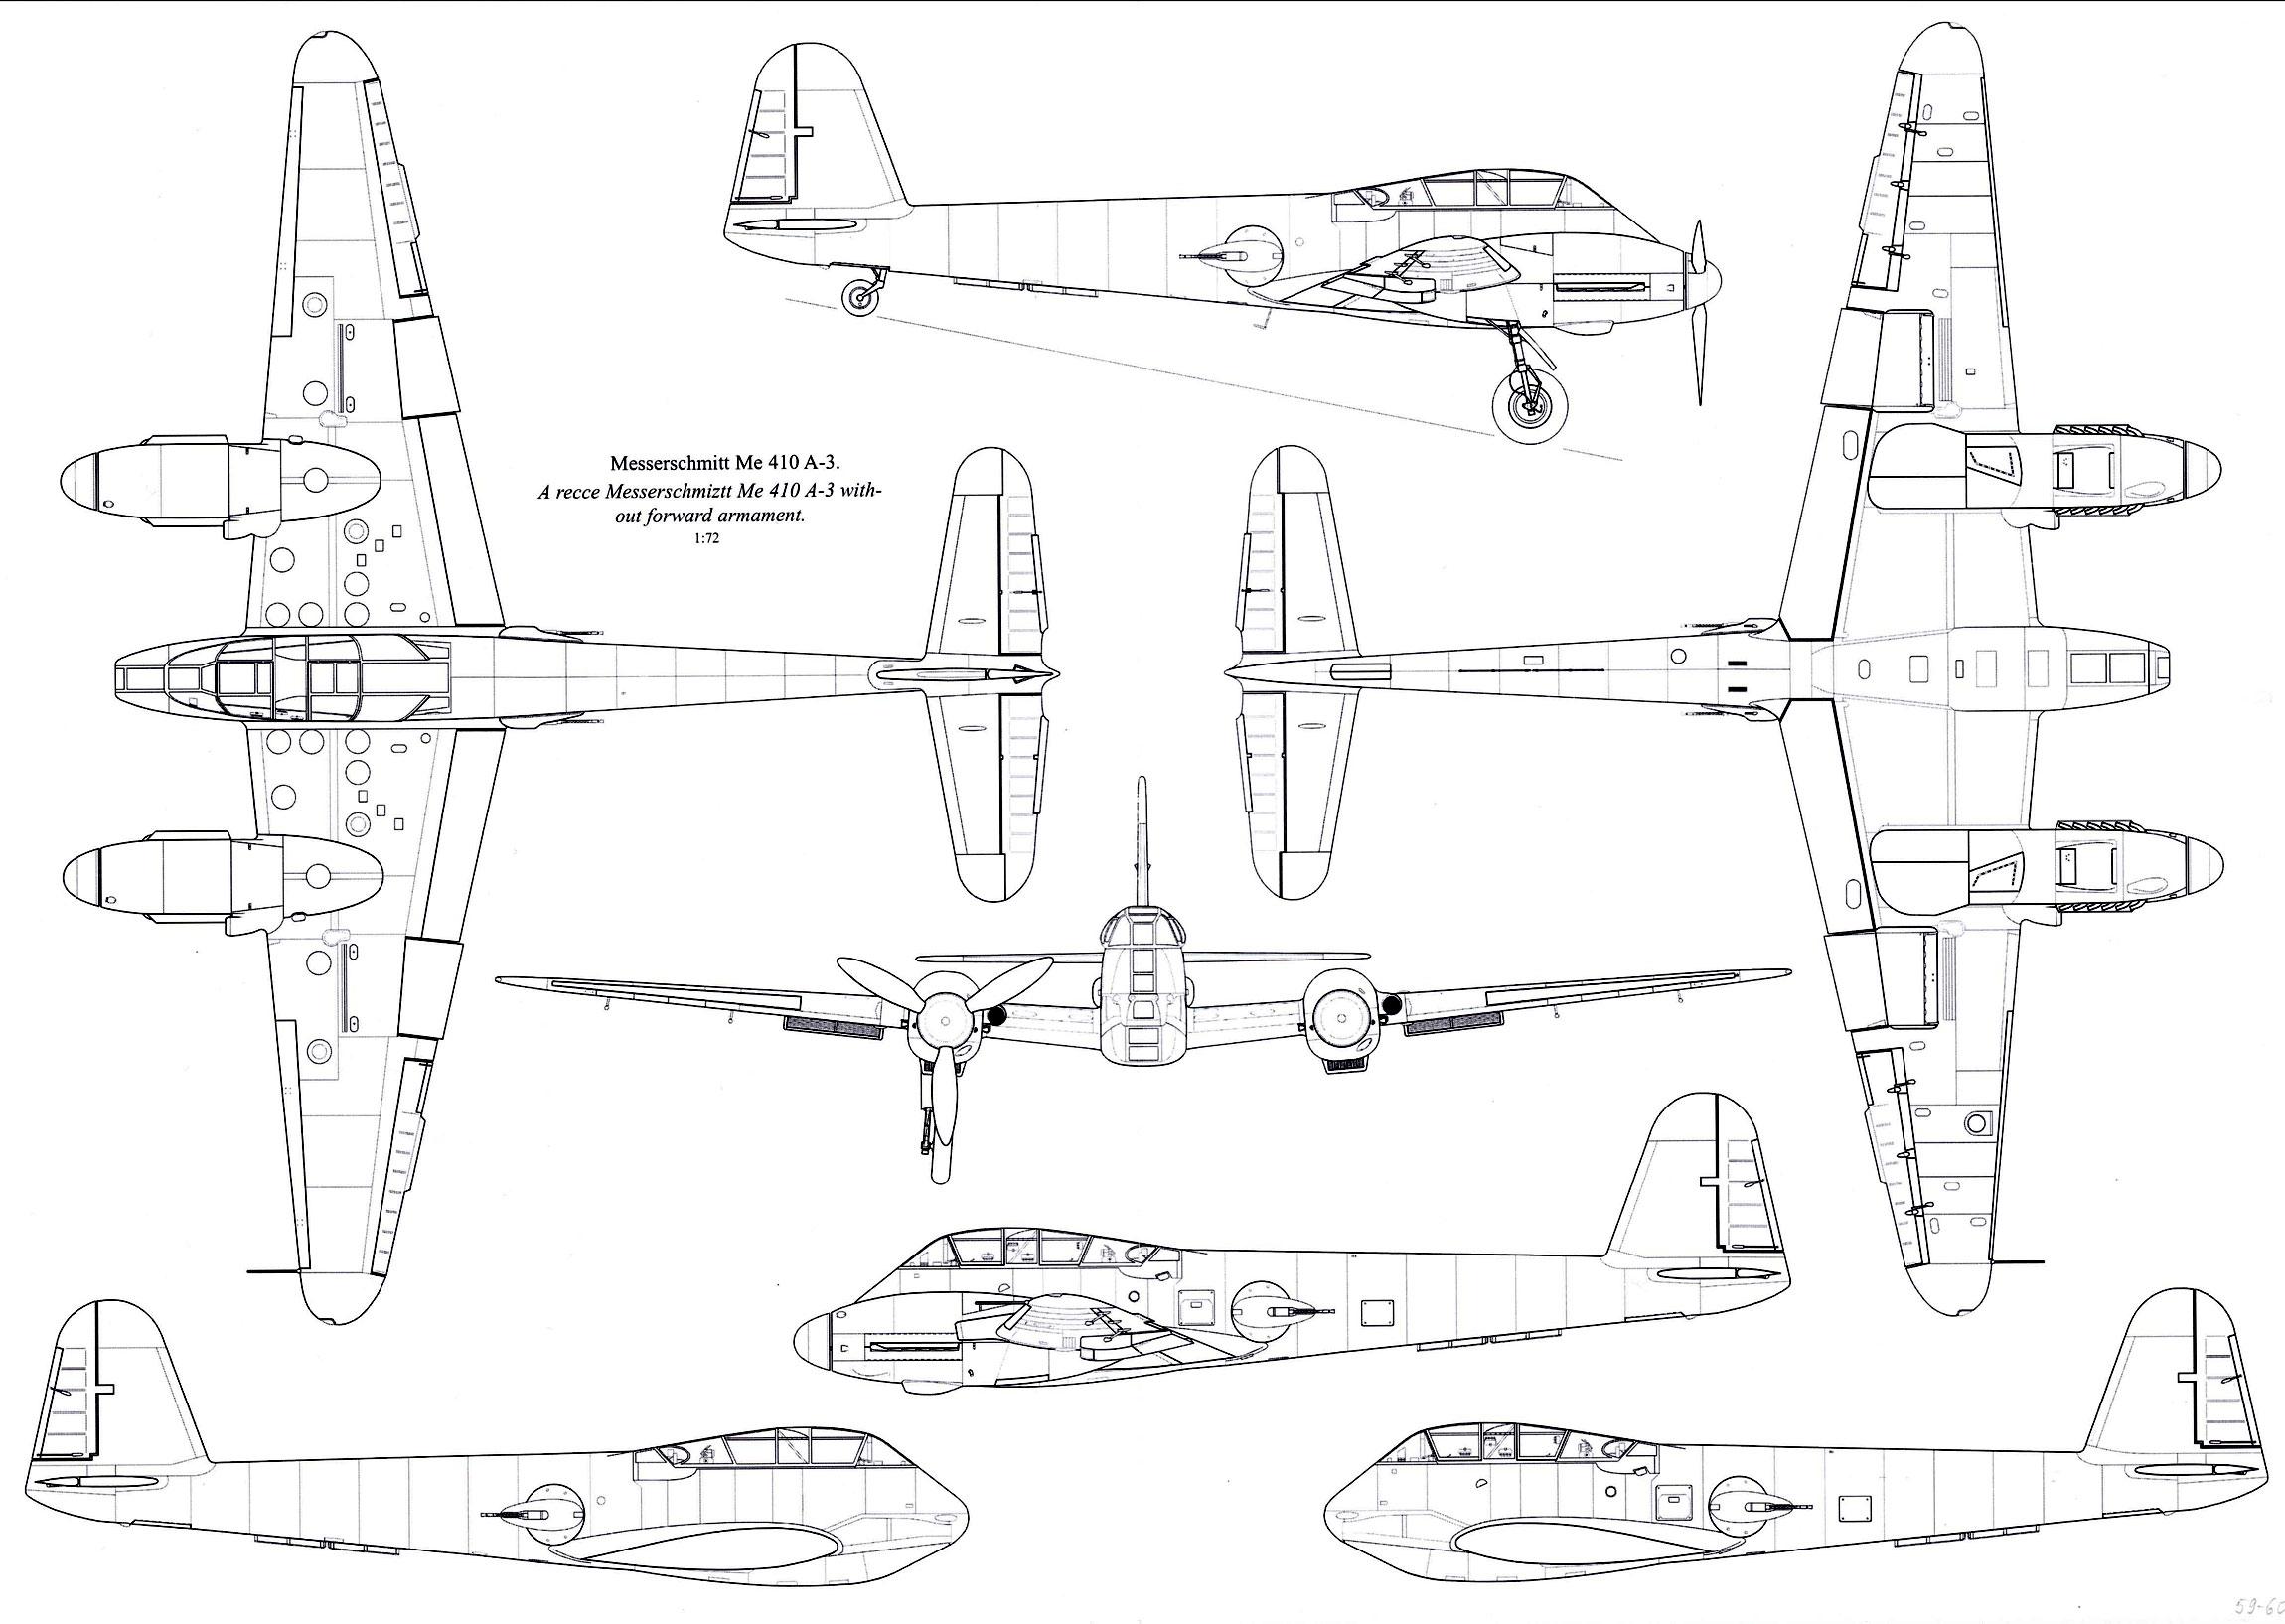 Messerschmitt Me 410A3 Hornisse 1 72 scale Line drawing 01